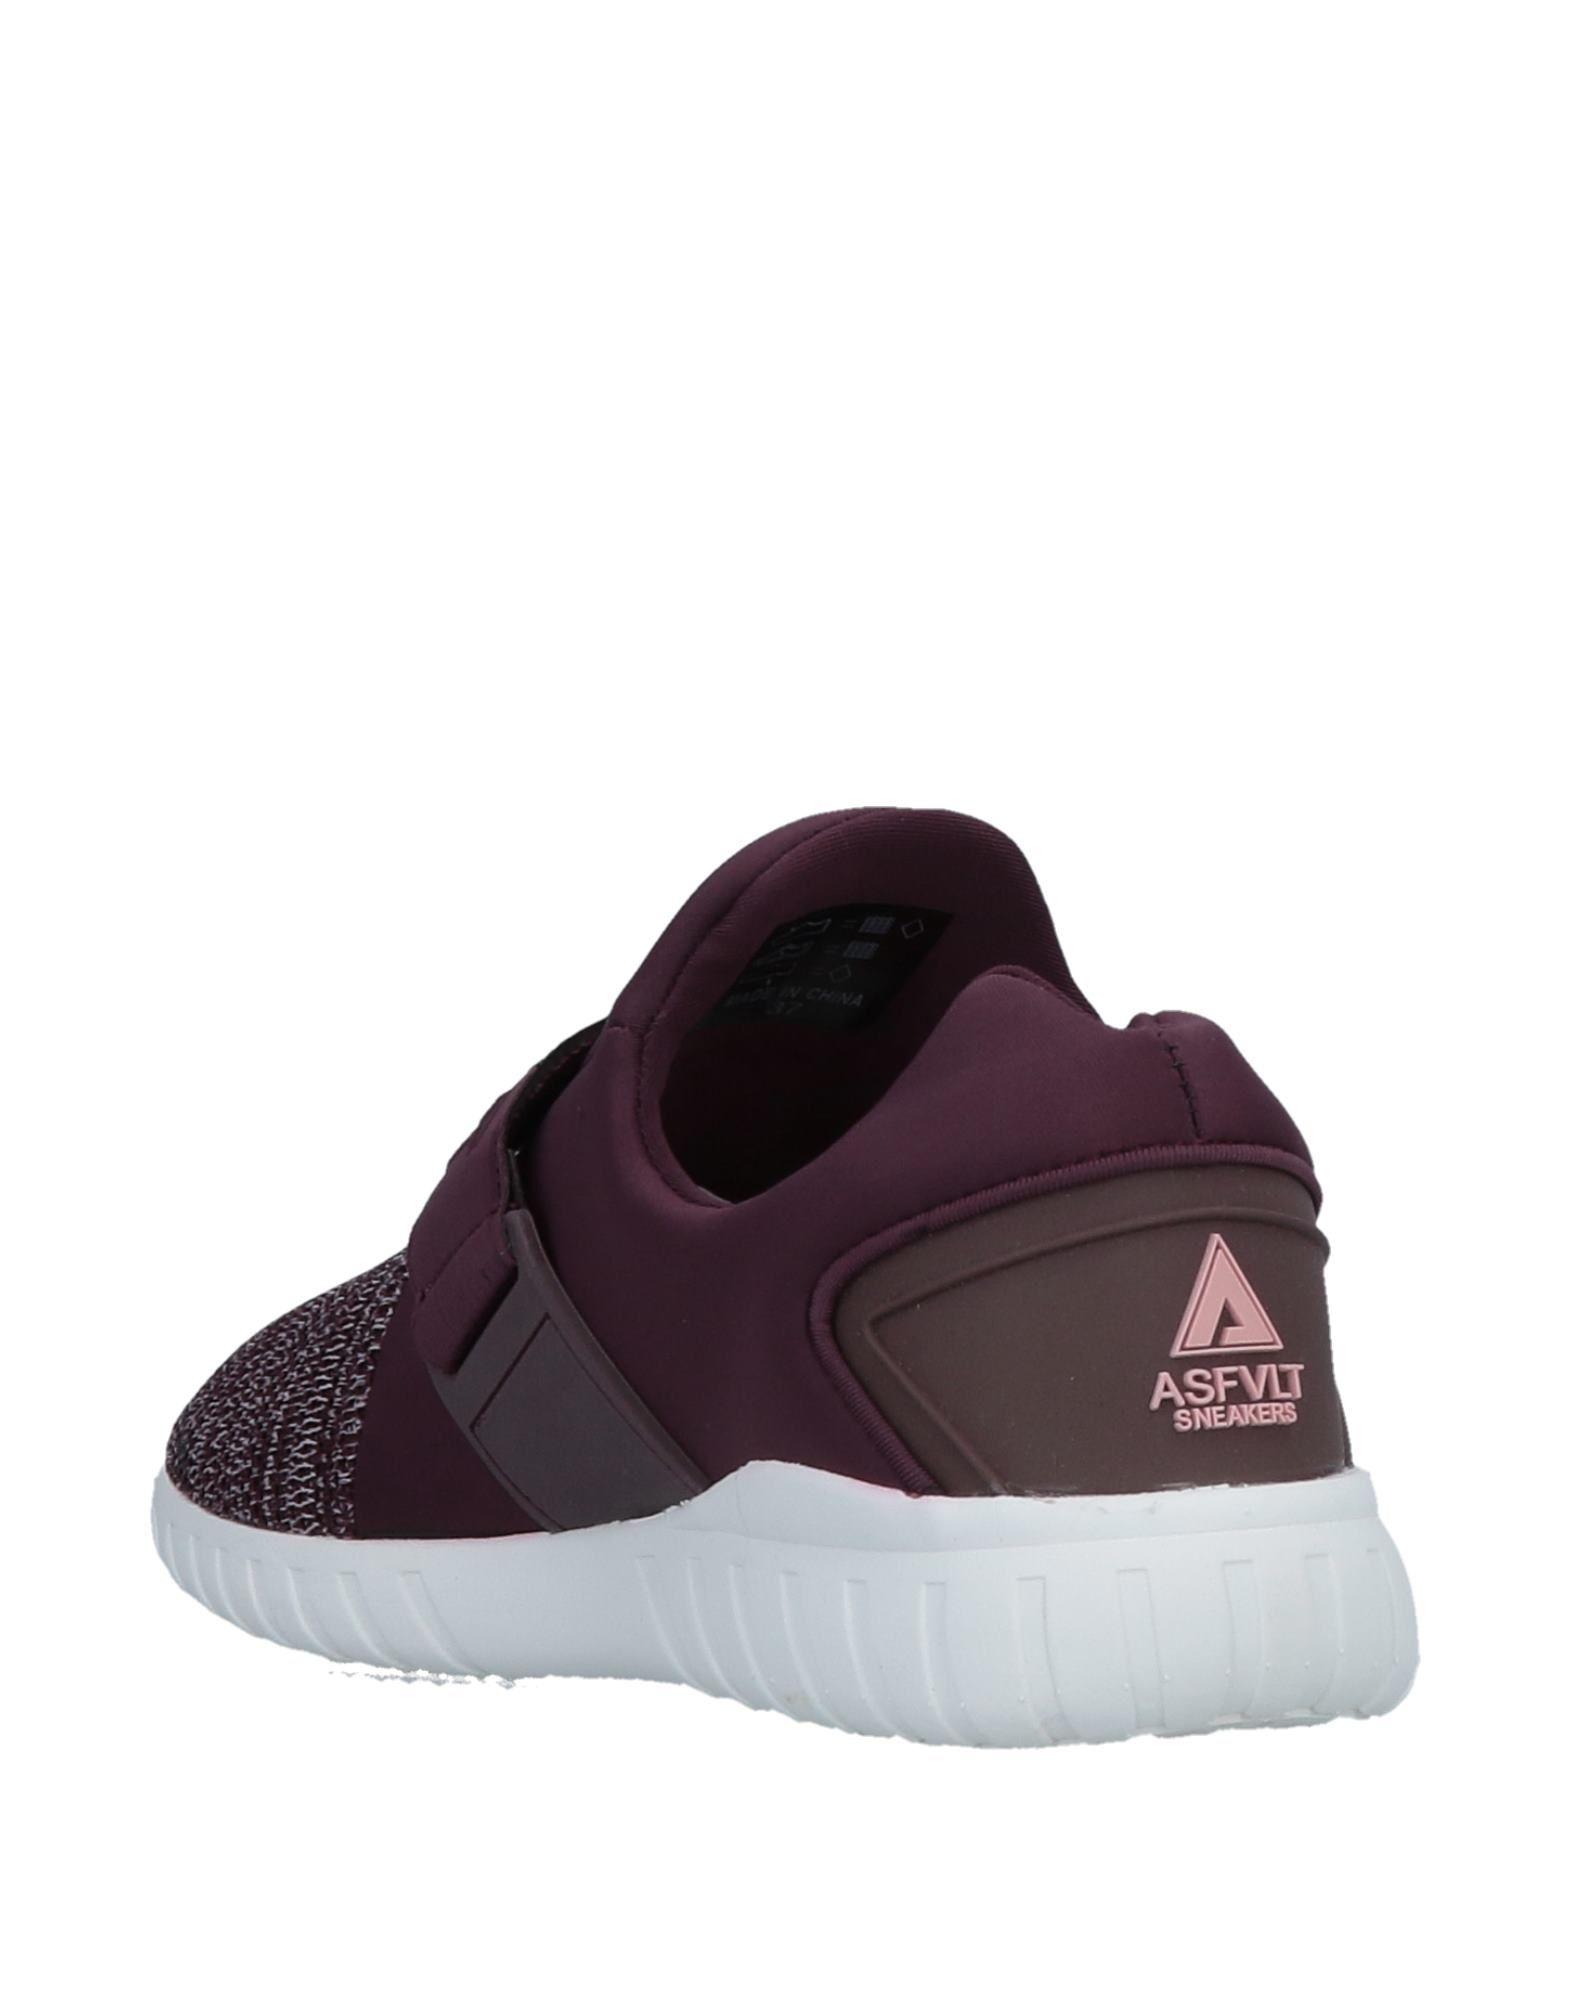 Asfvlt Sneakers Damen Qualität  11506888VA Gute Qualität Damen beliebte Schuhe 3bb05f